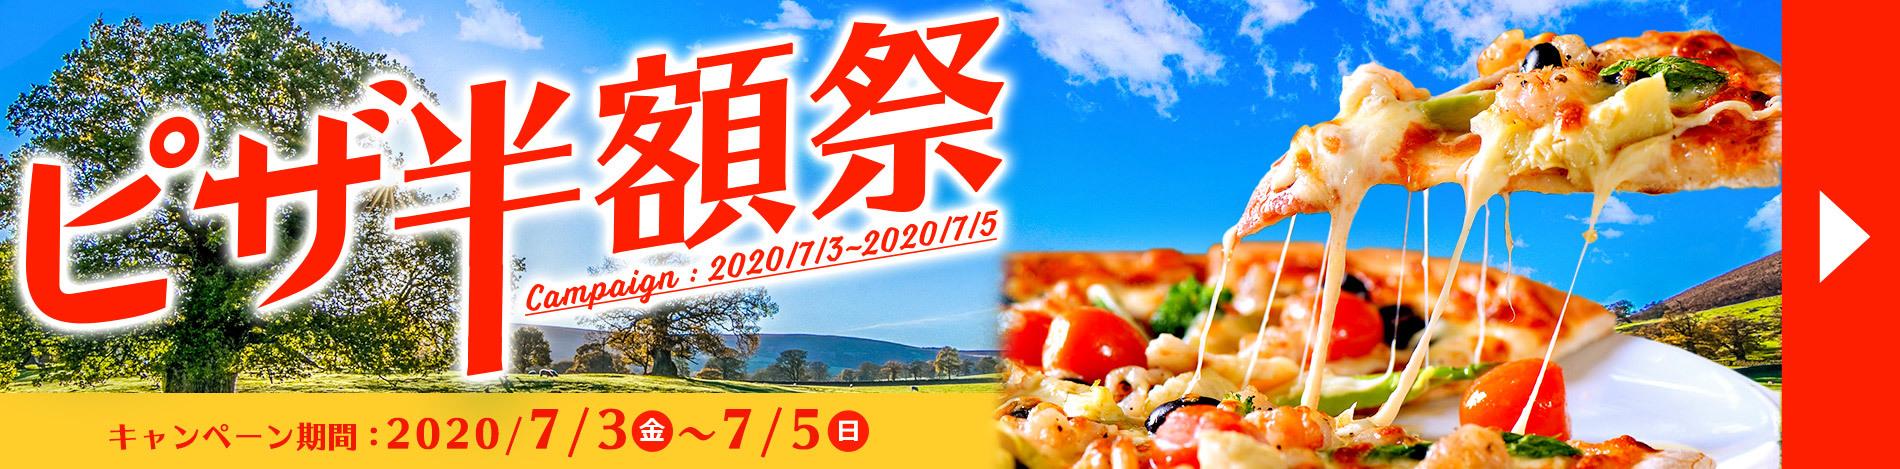 banner_l_pizza07.jpg